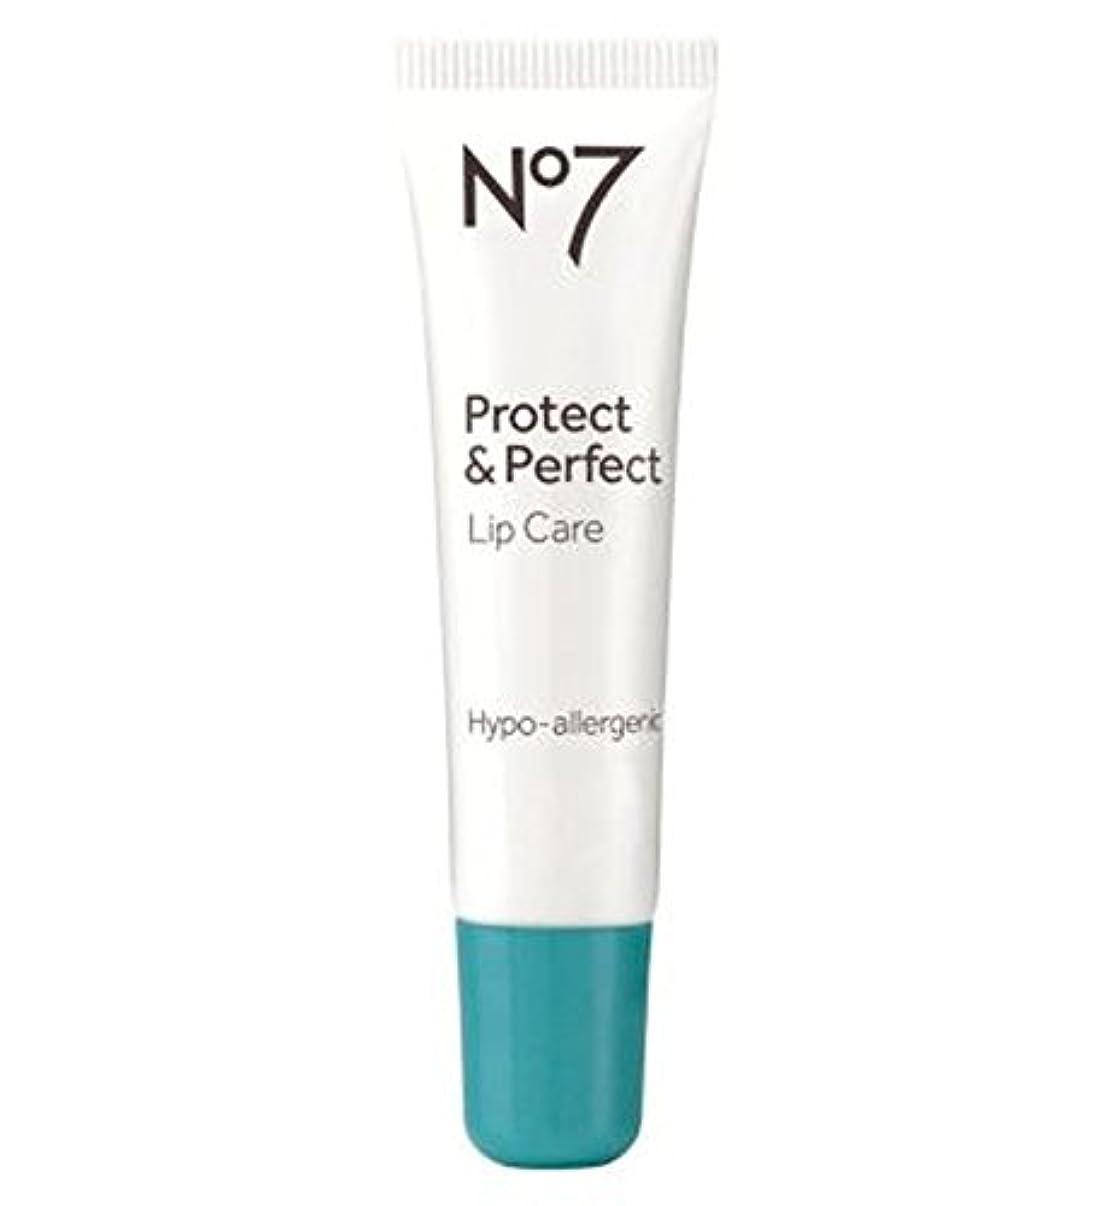 切り離す複数カタログNo7保護&完璧なリップケア10ミリリットル (No7) (x2) - No7 Protect & Perfect Lip Care 10ml (Pack of 2) [並行輸入品]